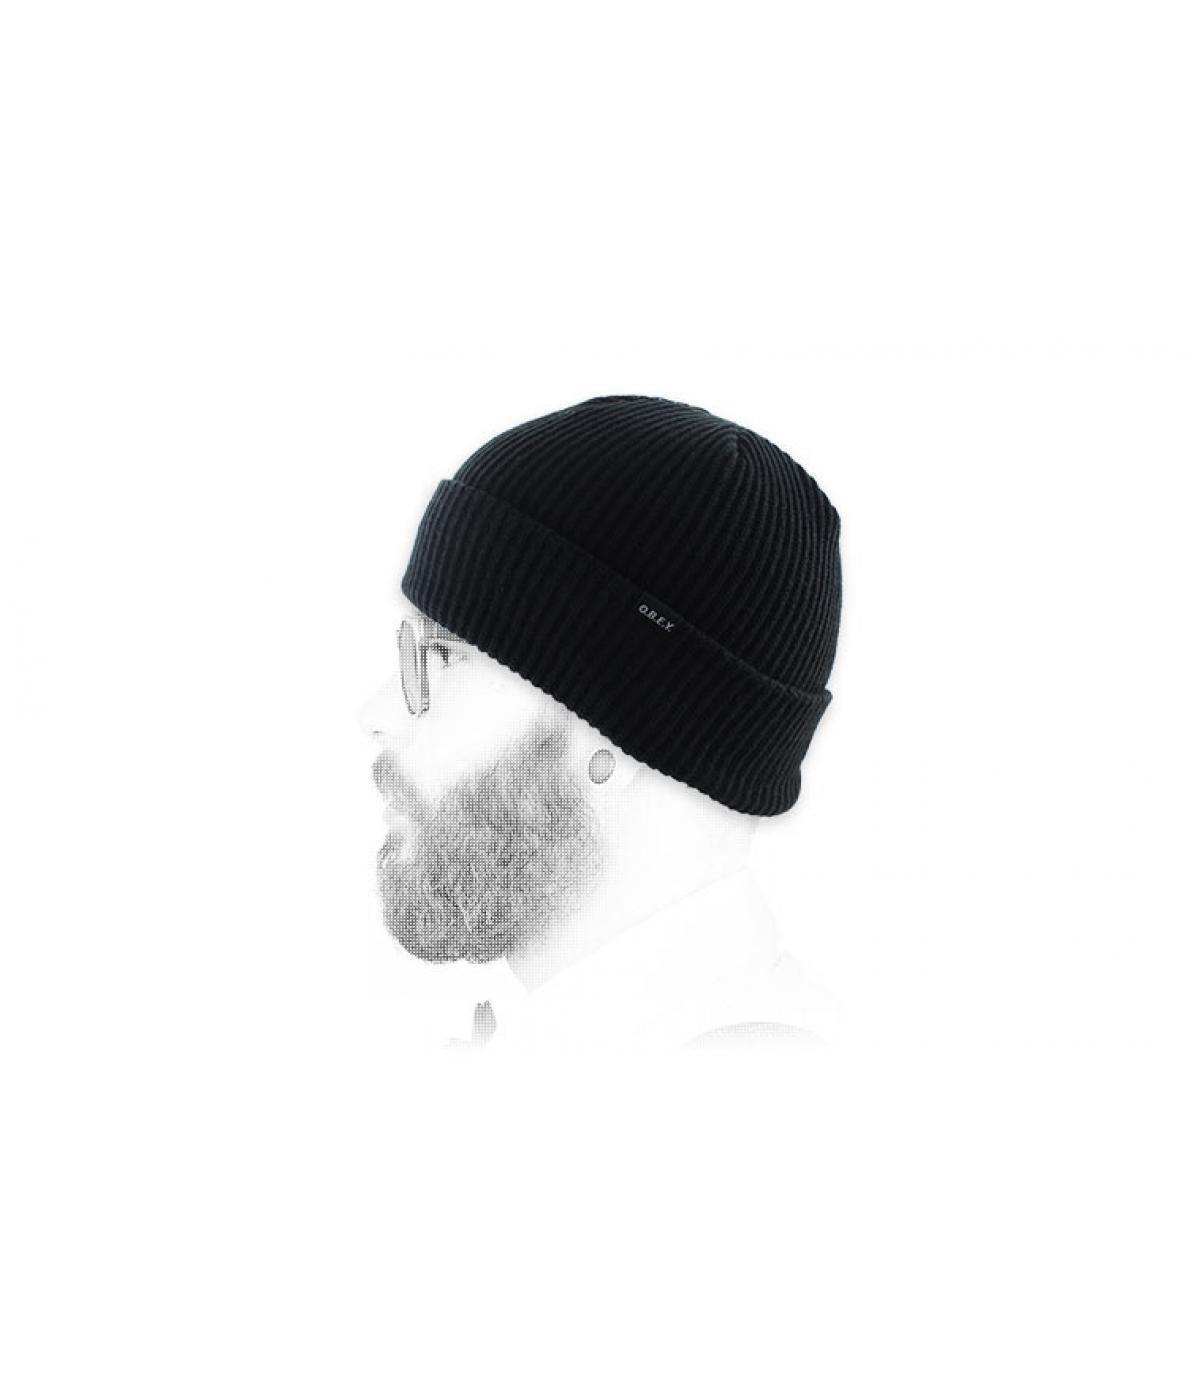 Mütze Revers Obey schwarz